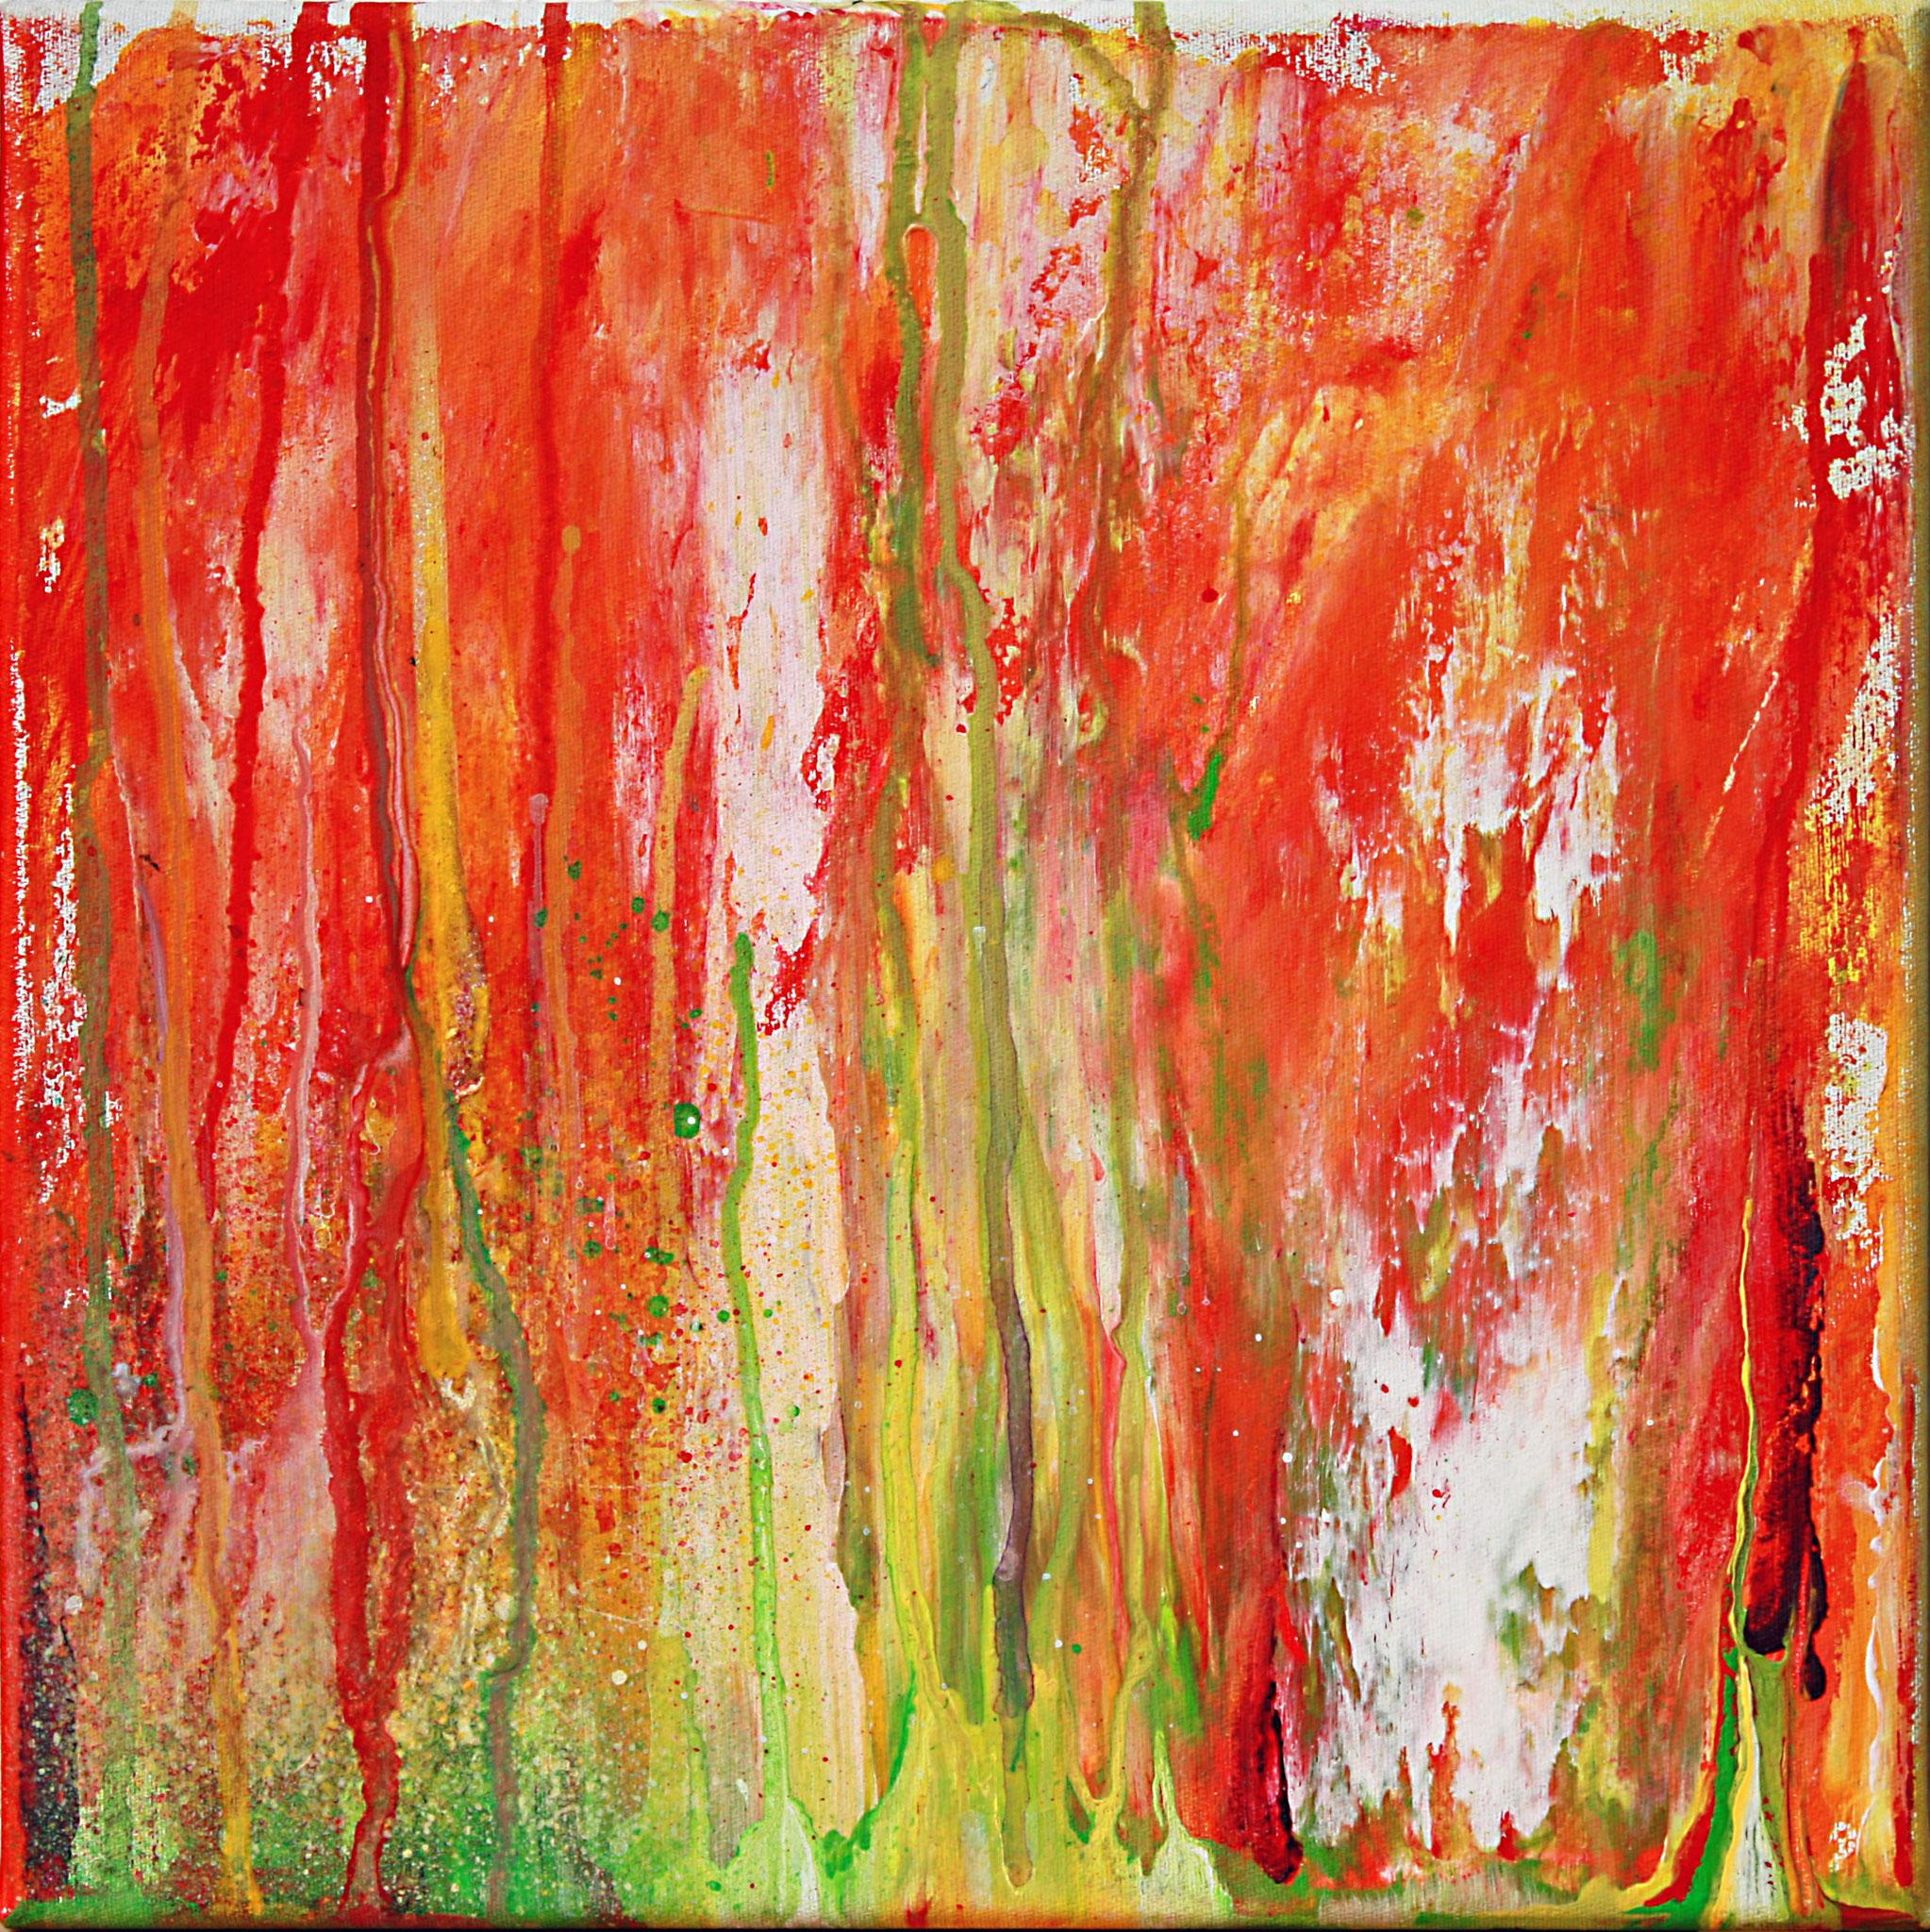 Esse des Hephaistos, Acryl auf Leinwand, 30x30, Christopher Diehl